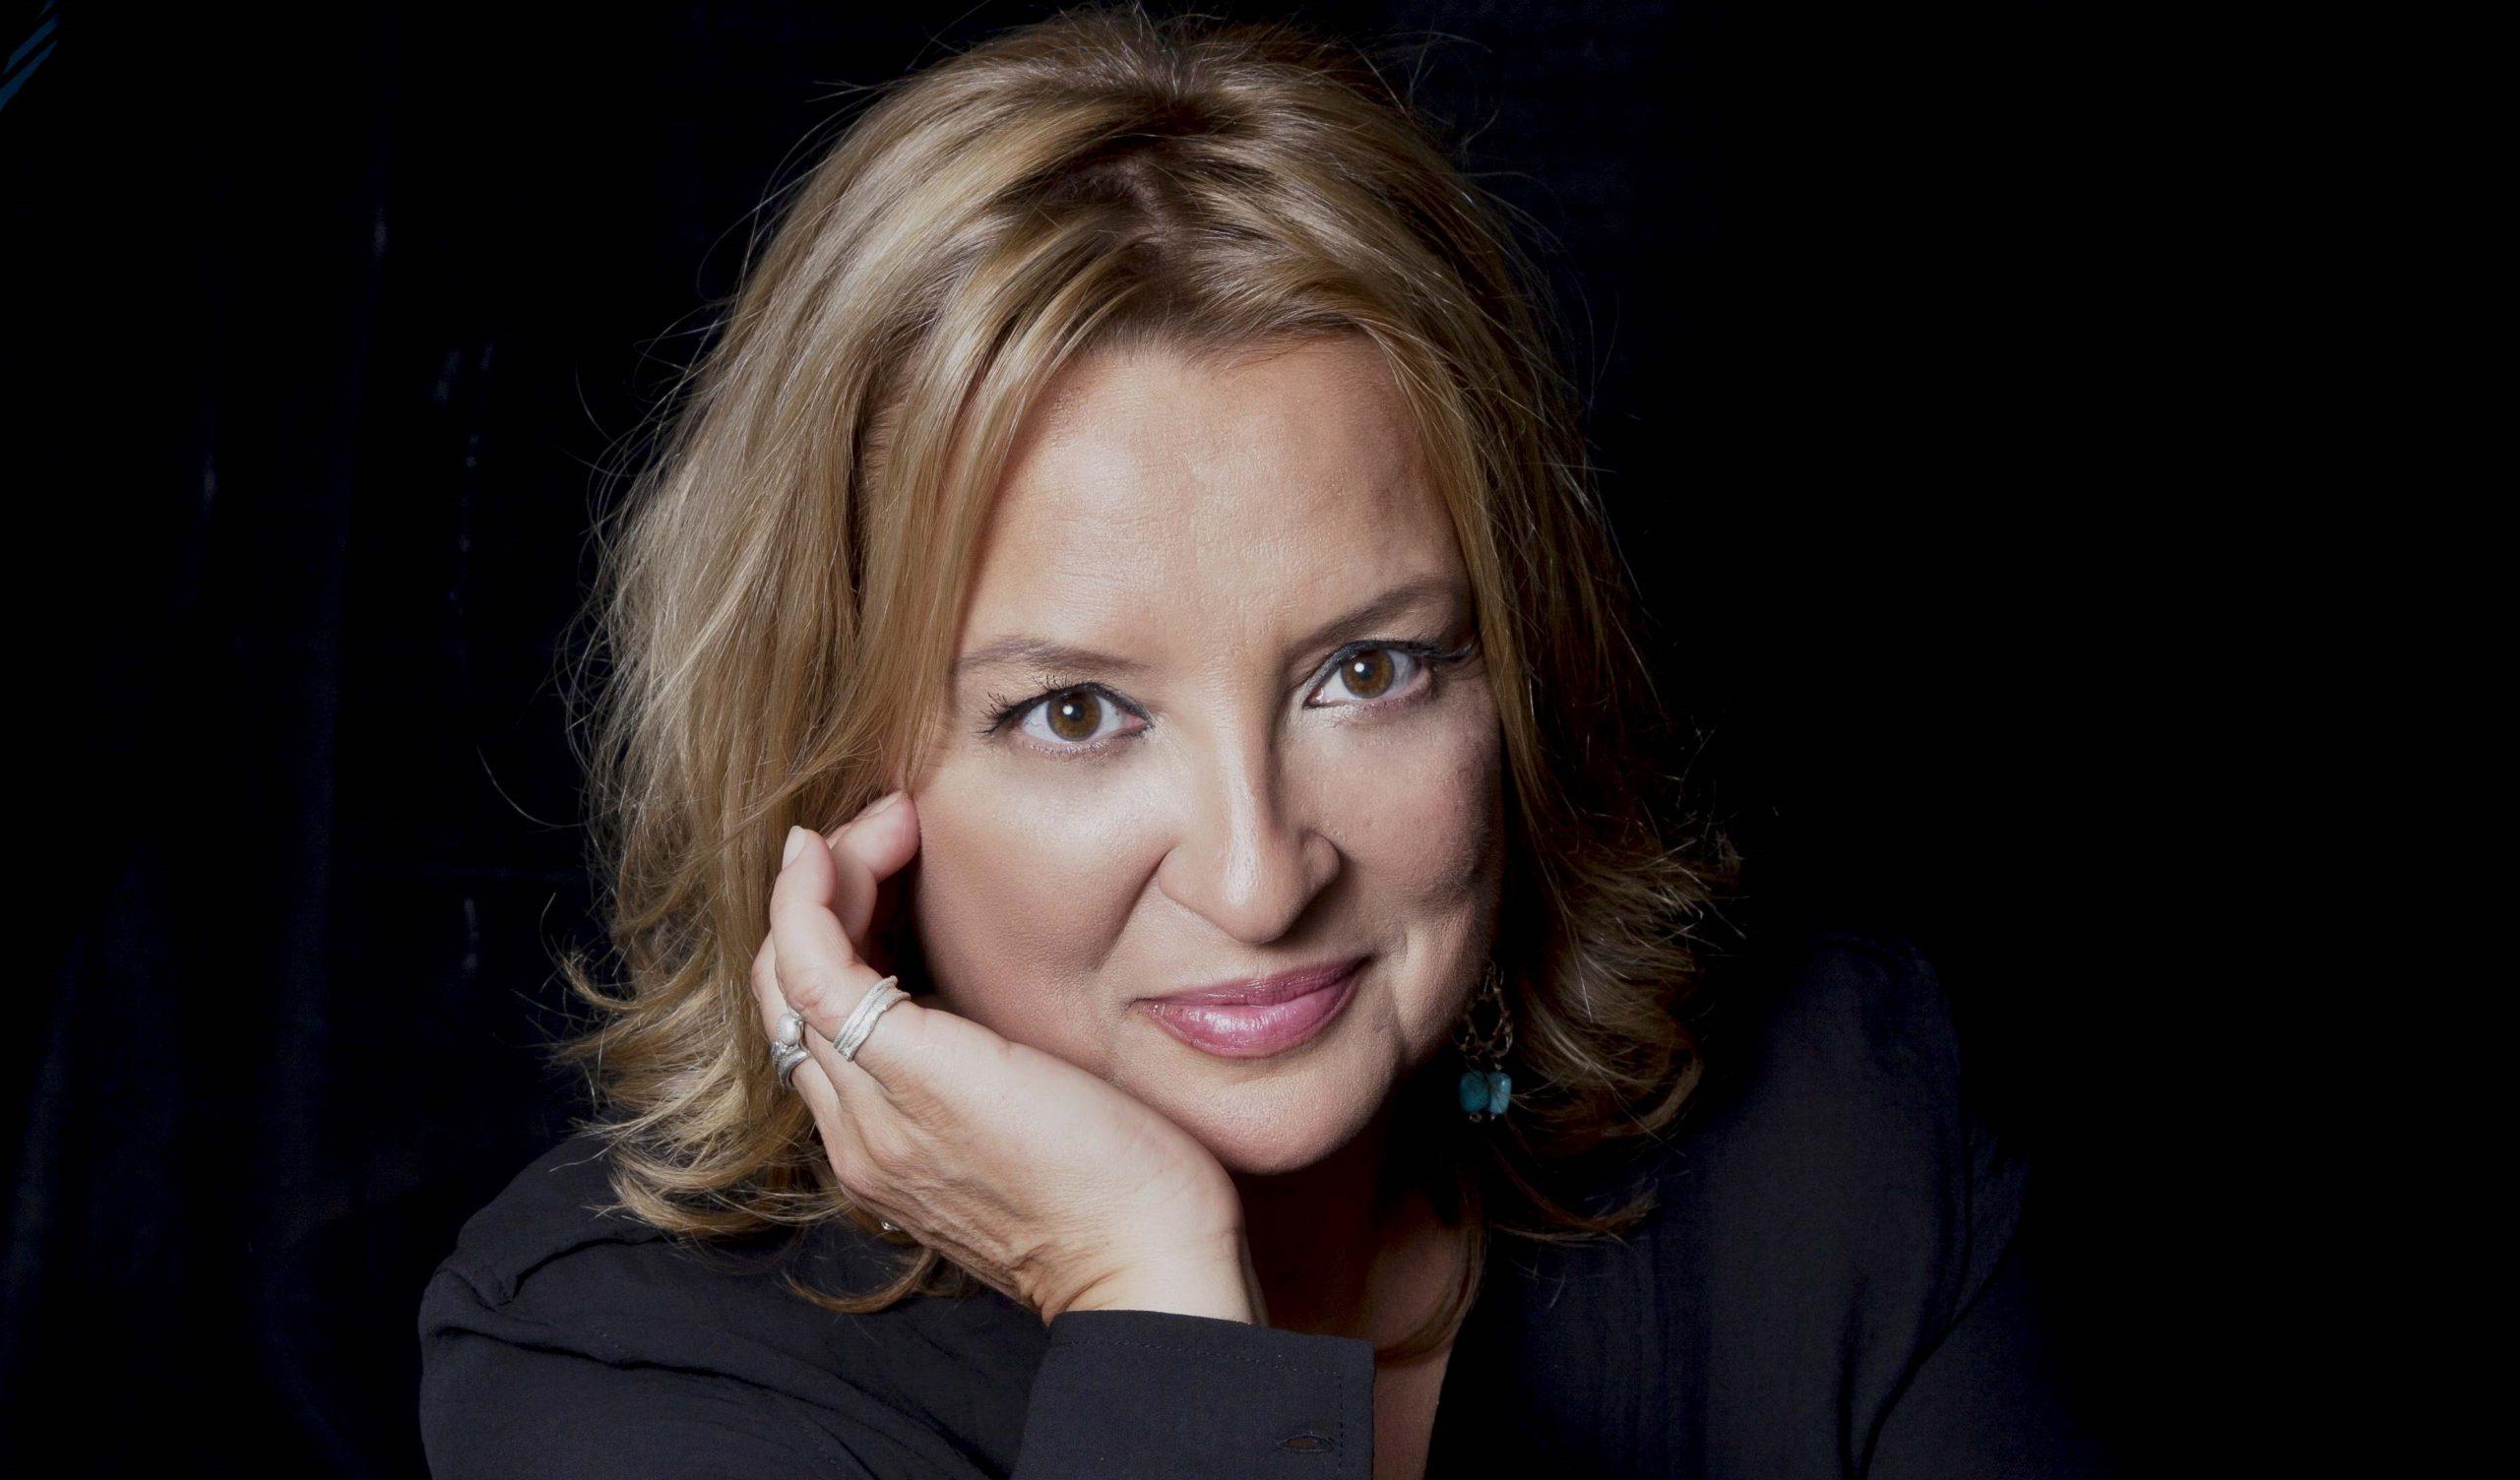 El Teatro Pérez Galdós abre de nuevo sus puertas con Pioneras, el proyecto tributo de Patricia Kraus a las grandes damas de la música